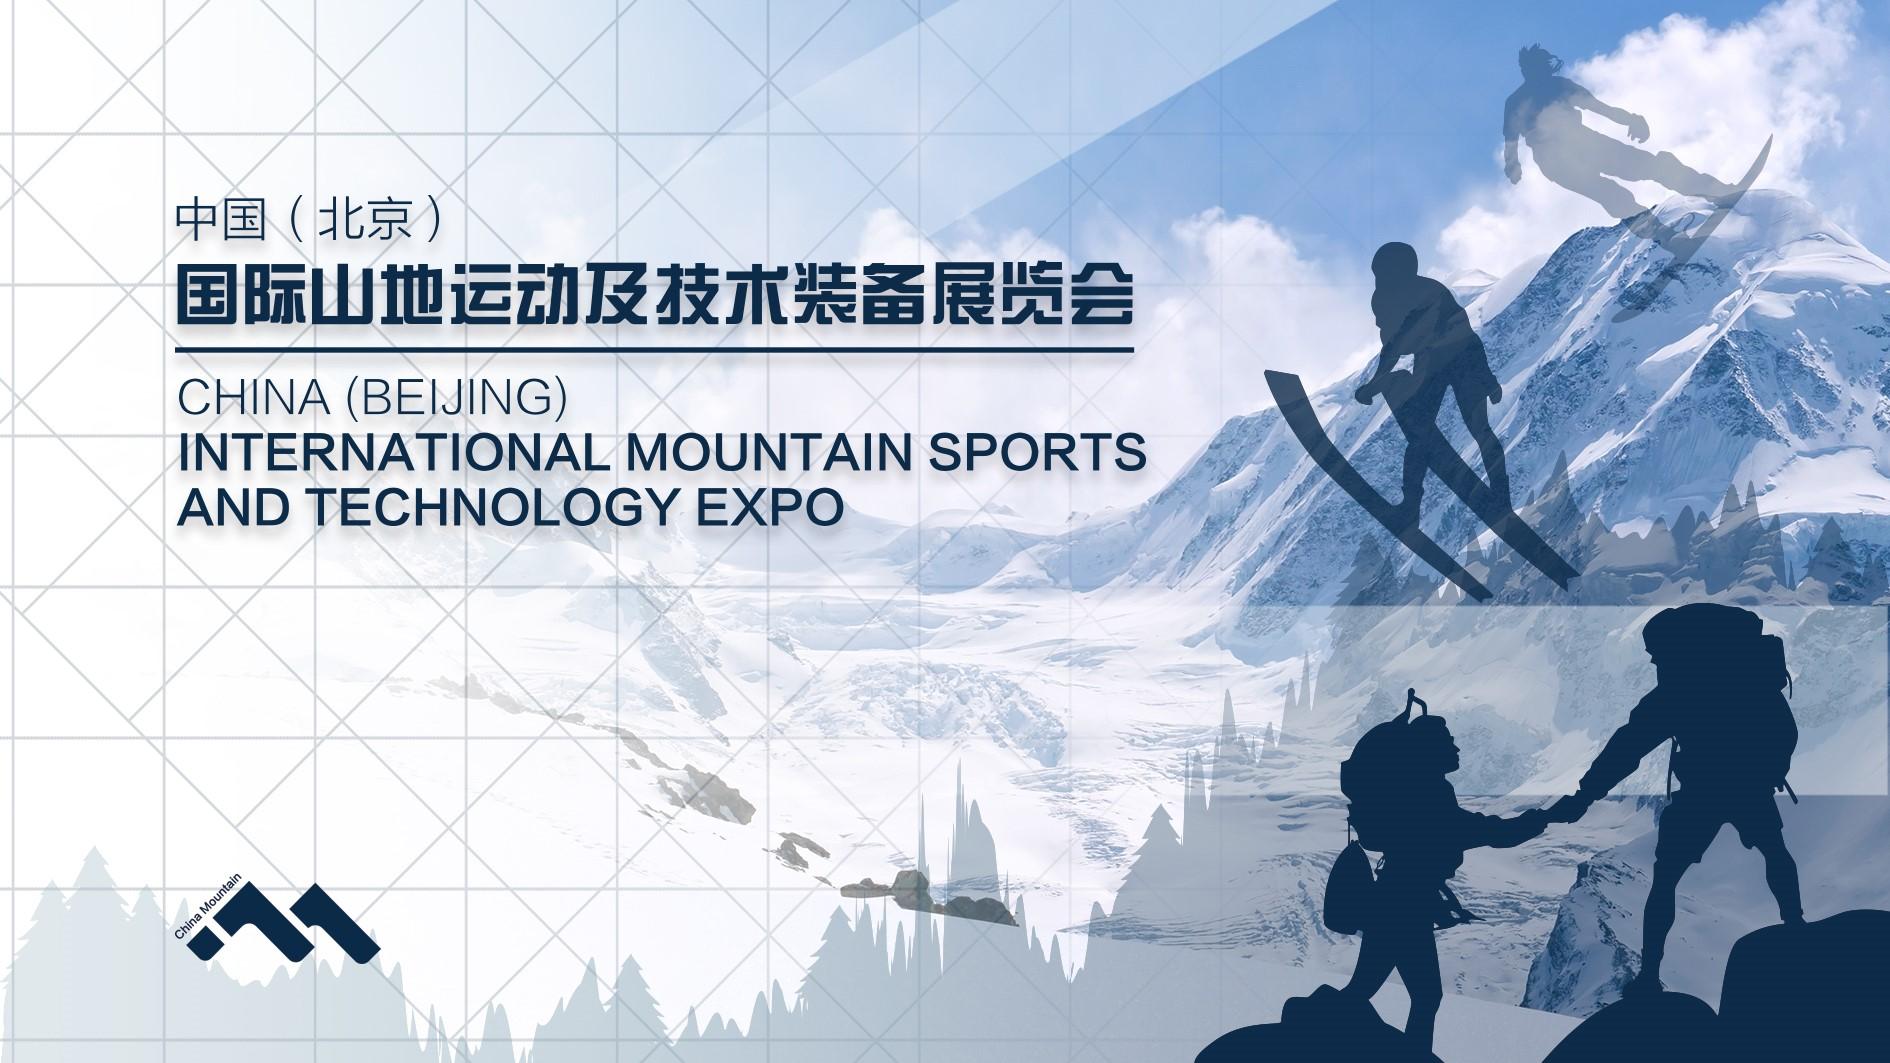 2018中国(国际)山地运动及技术装备展览会在中国滑雪产业服务贸易大会上华彩揭幕 ...